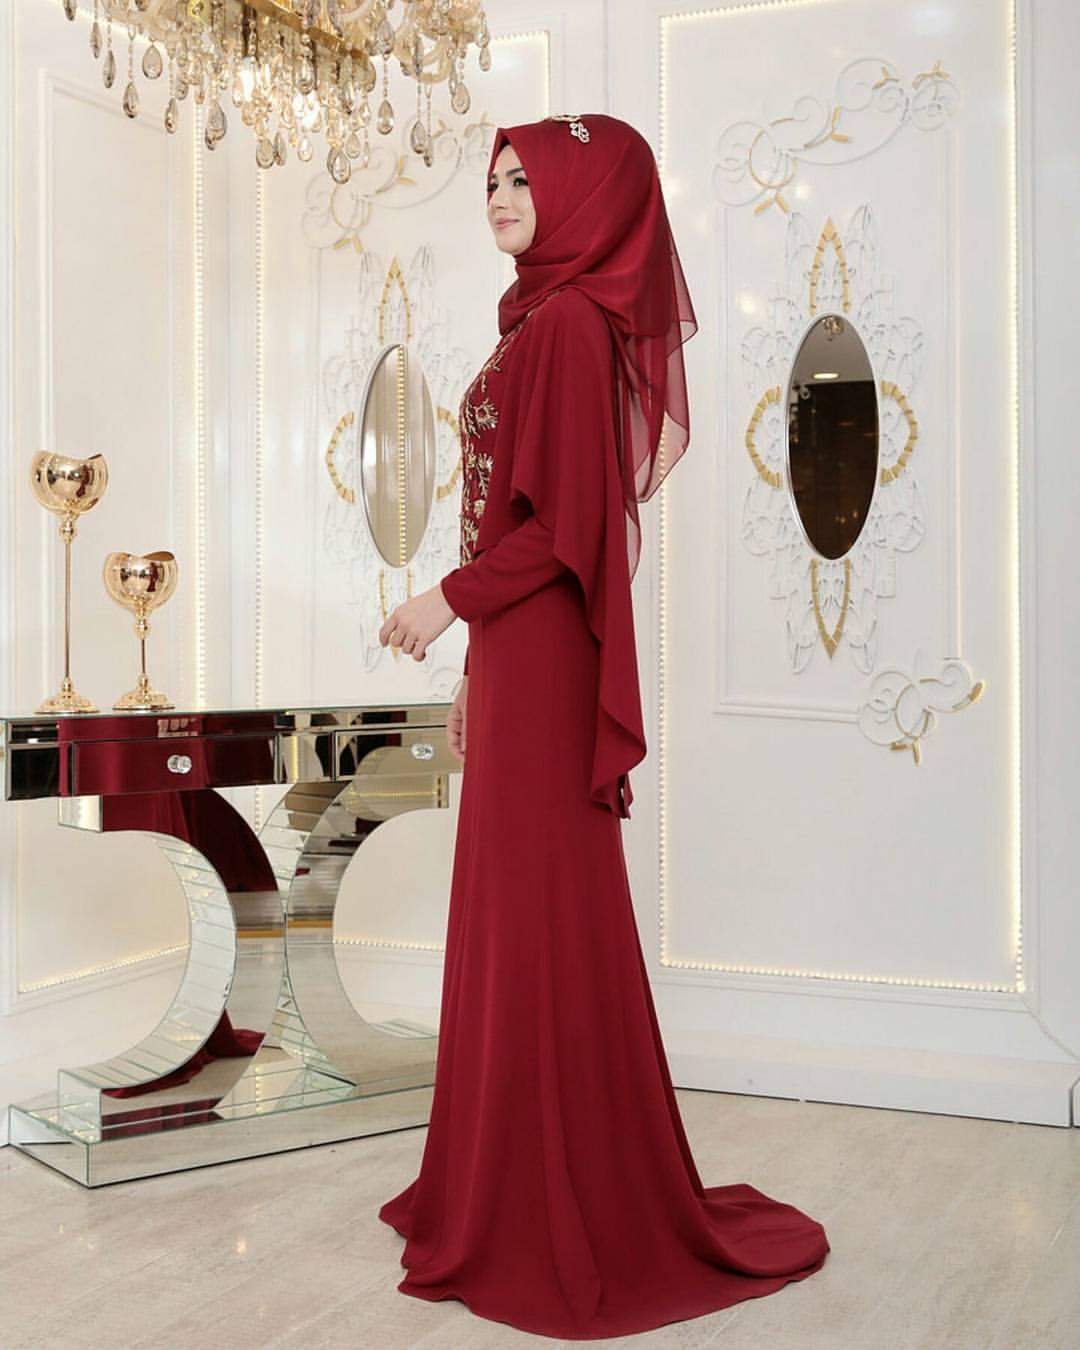 Pinarsems Abiye Modelleri 19 - 2018 Pınar Şems Abiye Modelleri